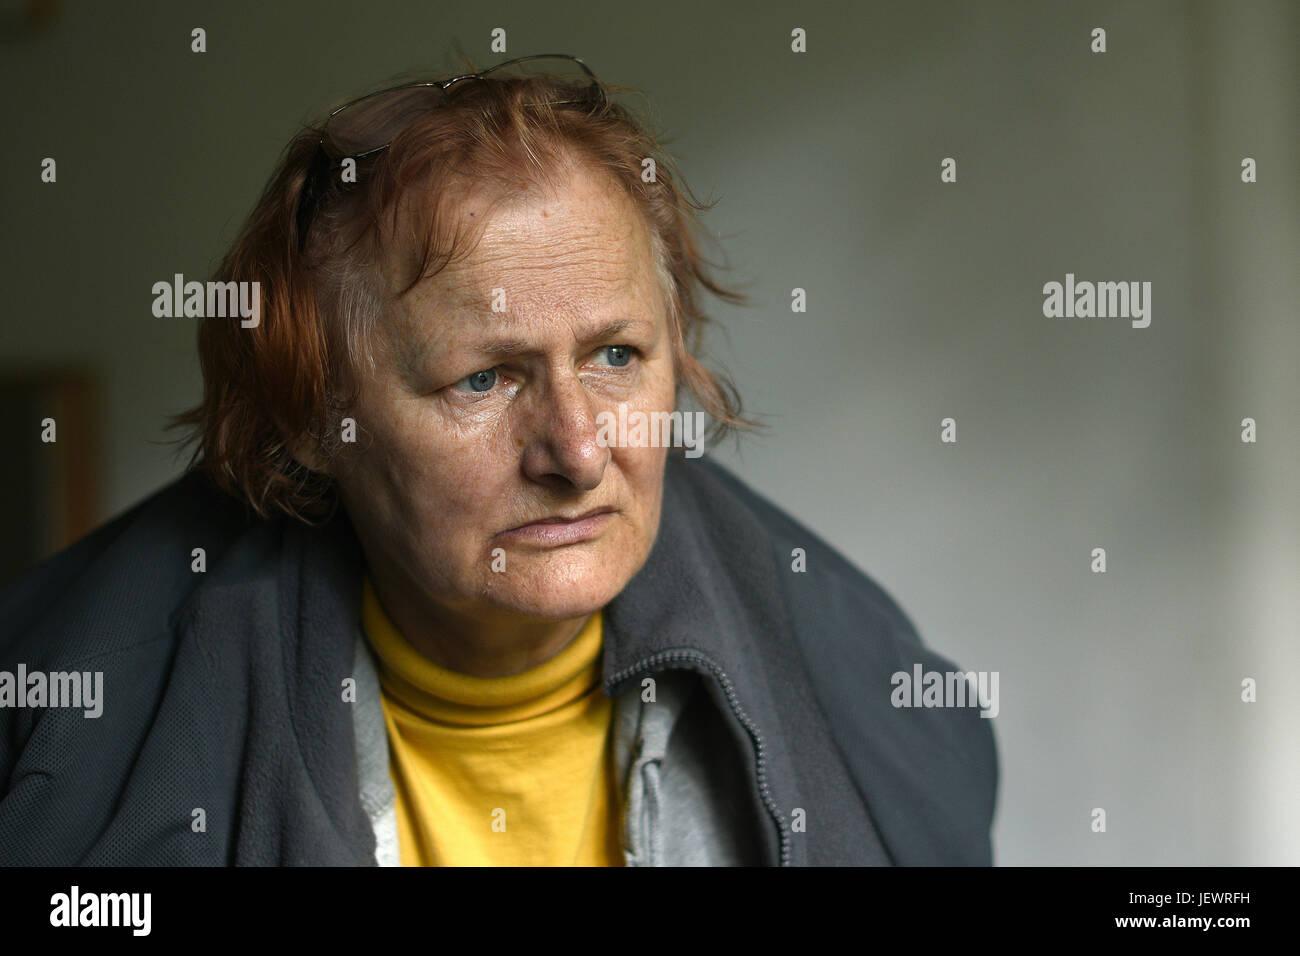 Más pelirroja mujer con depresión. Imagen De Stock